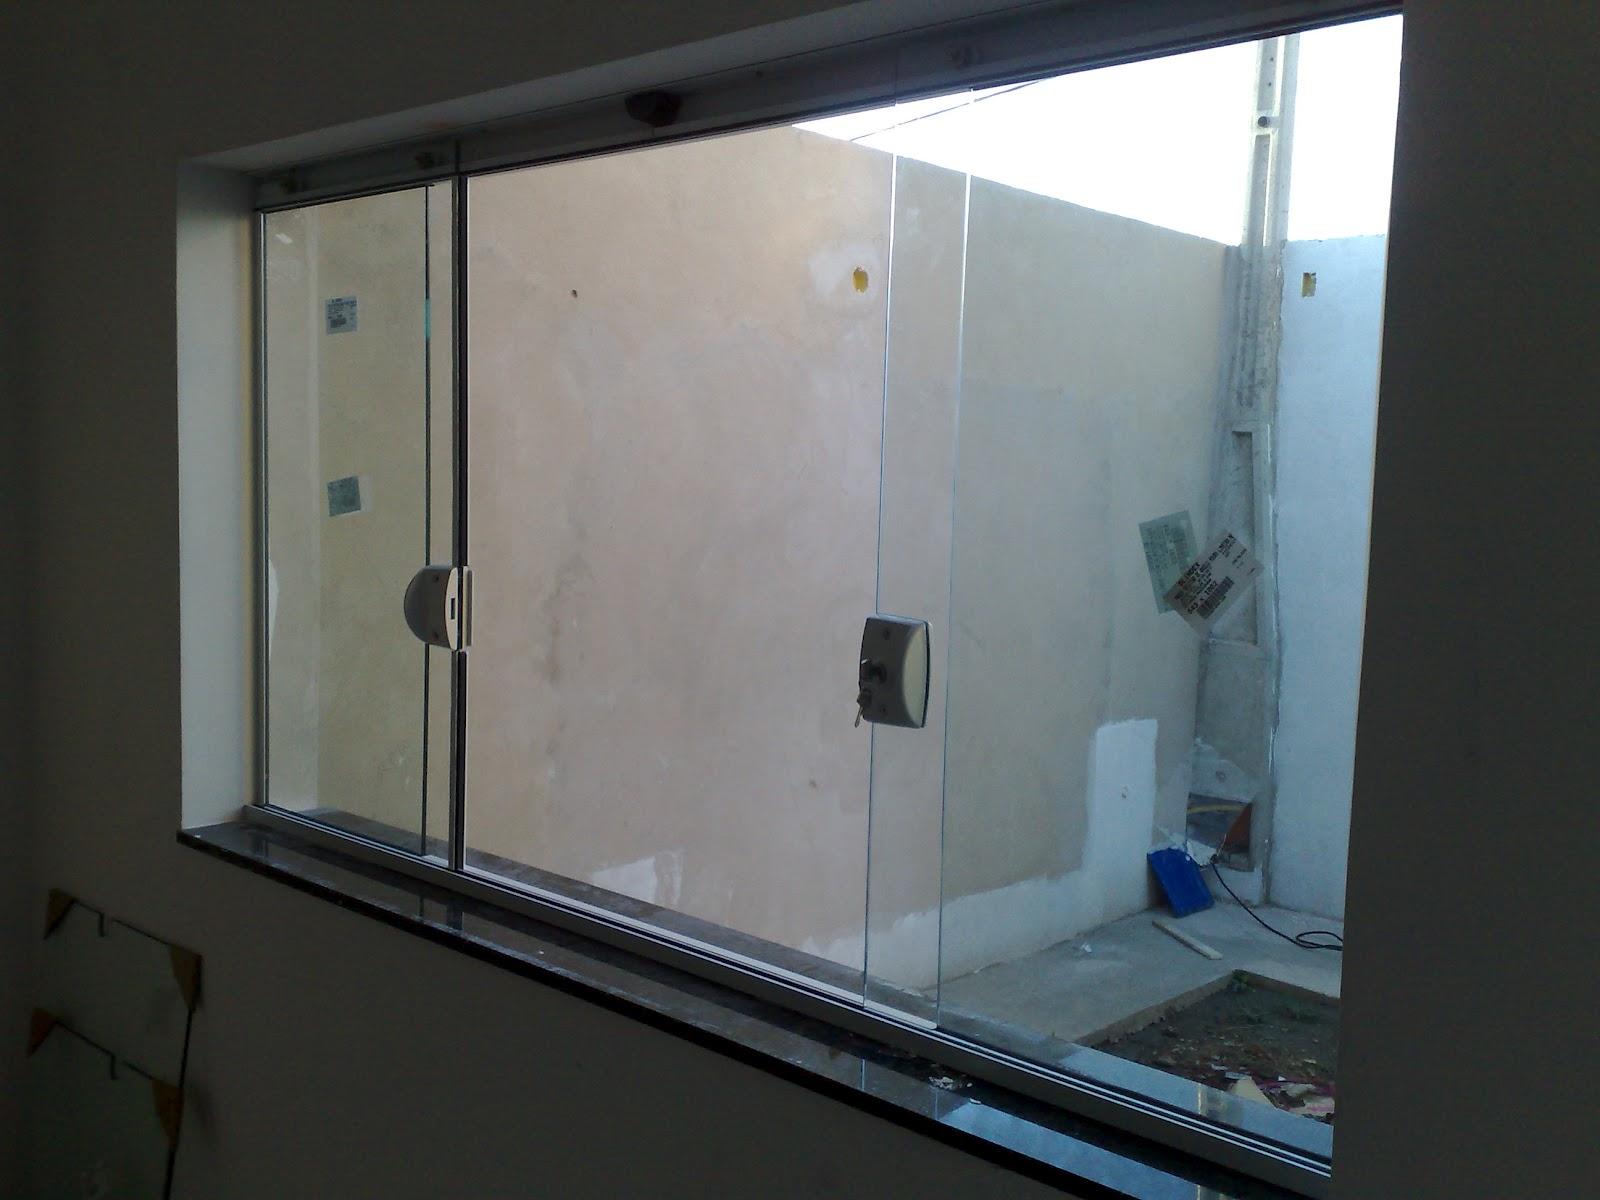 #38495C Passo a passo da construção da minha primeira casa: Vidros Blindex  186 Janelas De Vidro Na Sala